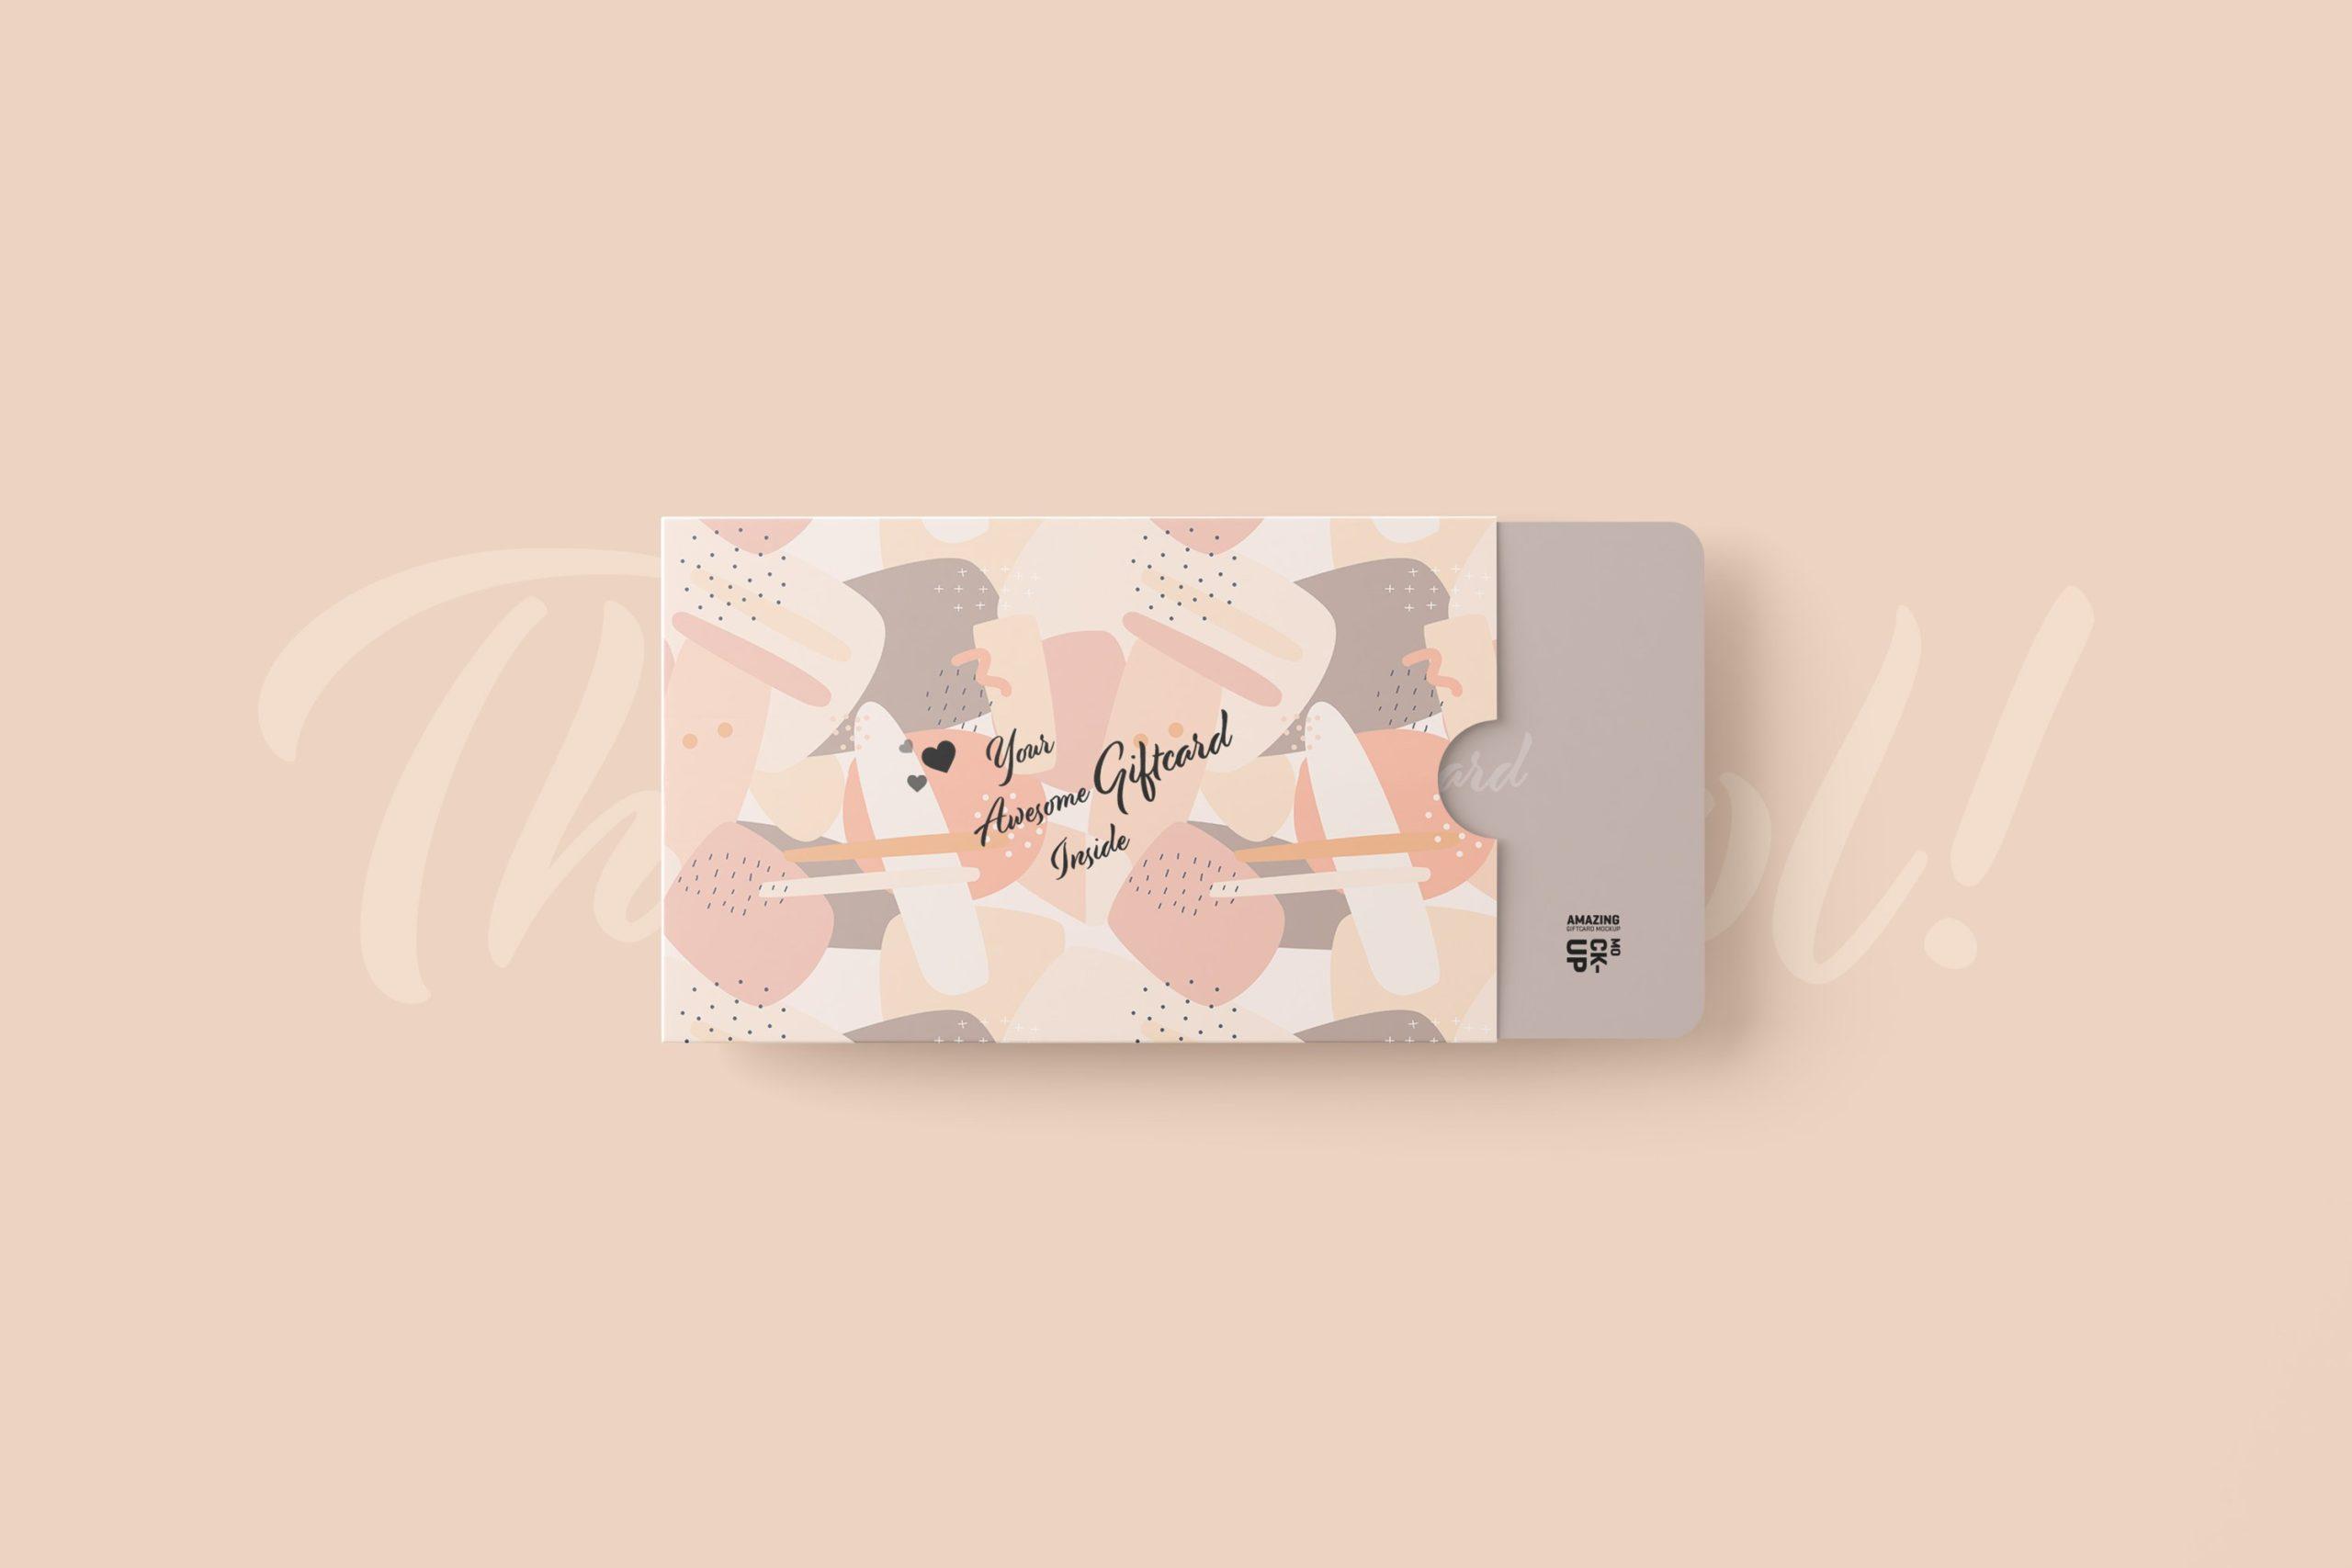 11款名片礼品卡设计展示贴图样机模板 Gift Card Mockup插图5